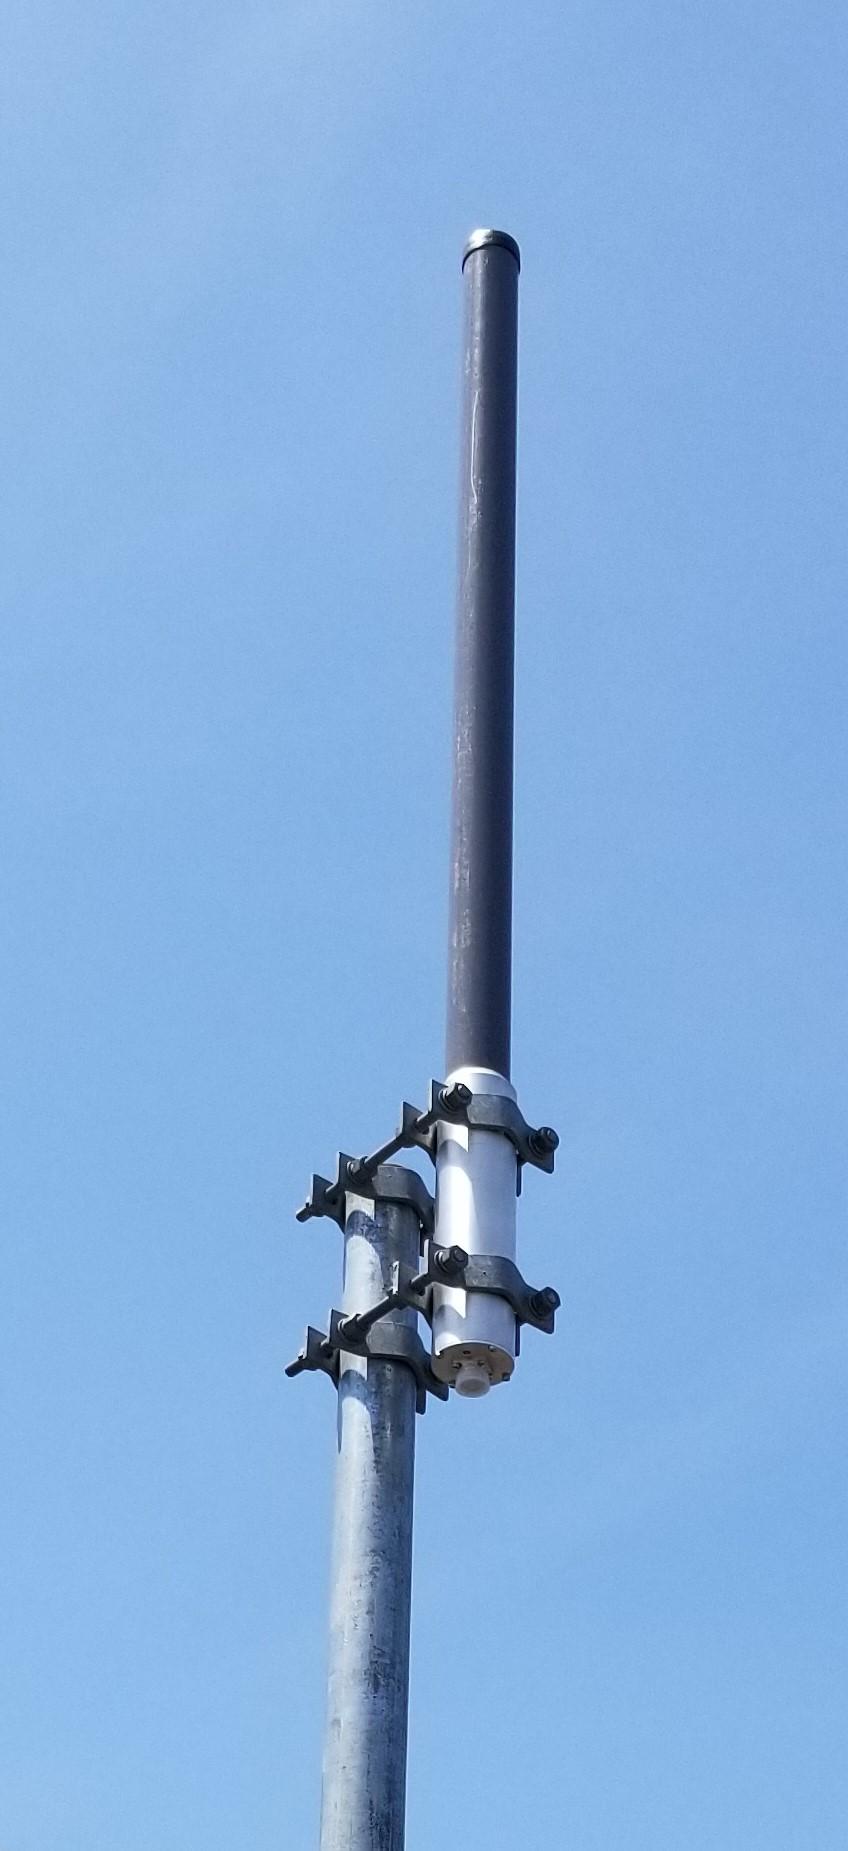 740-870MHz V-POL OMNI ANTENNA, 5.5dBd